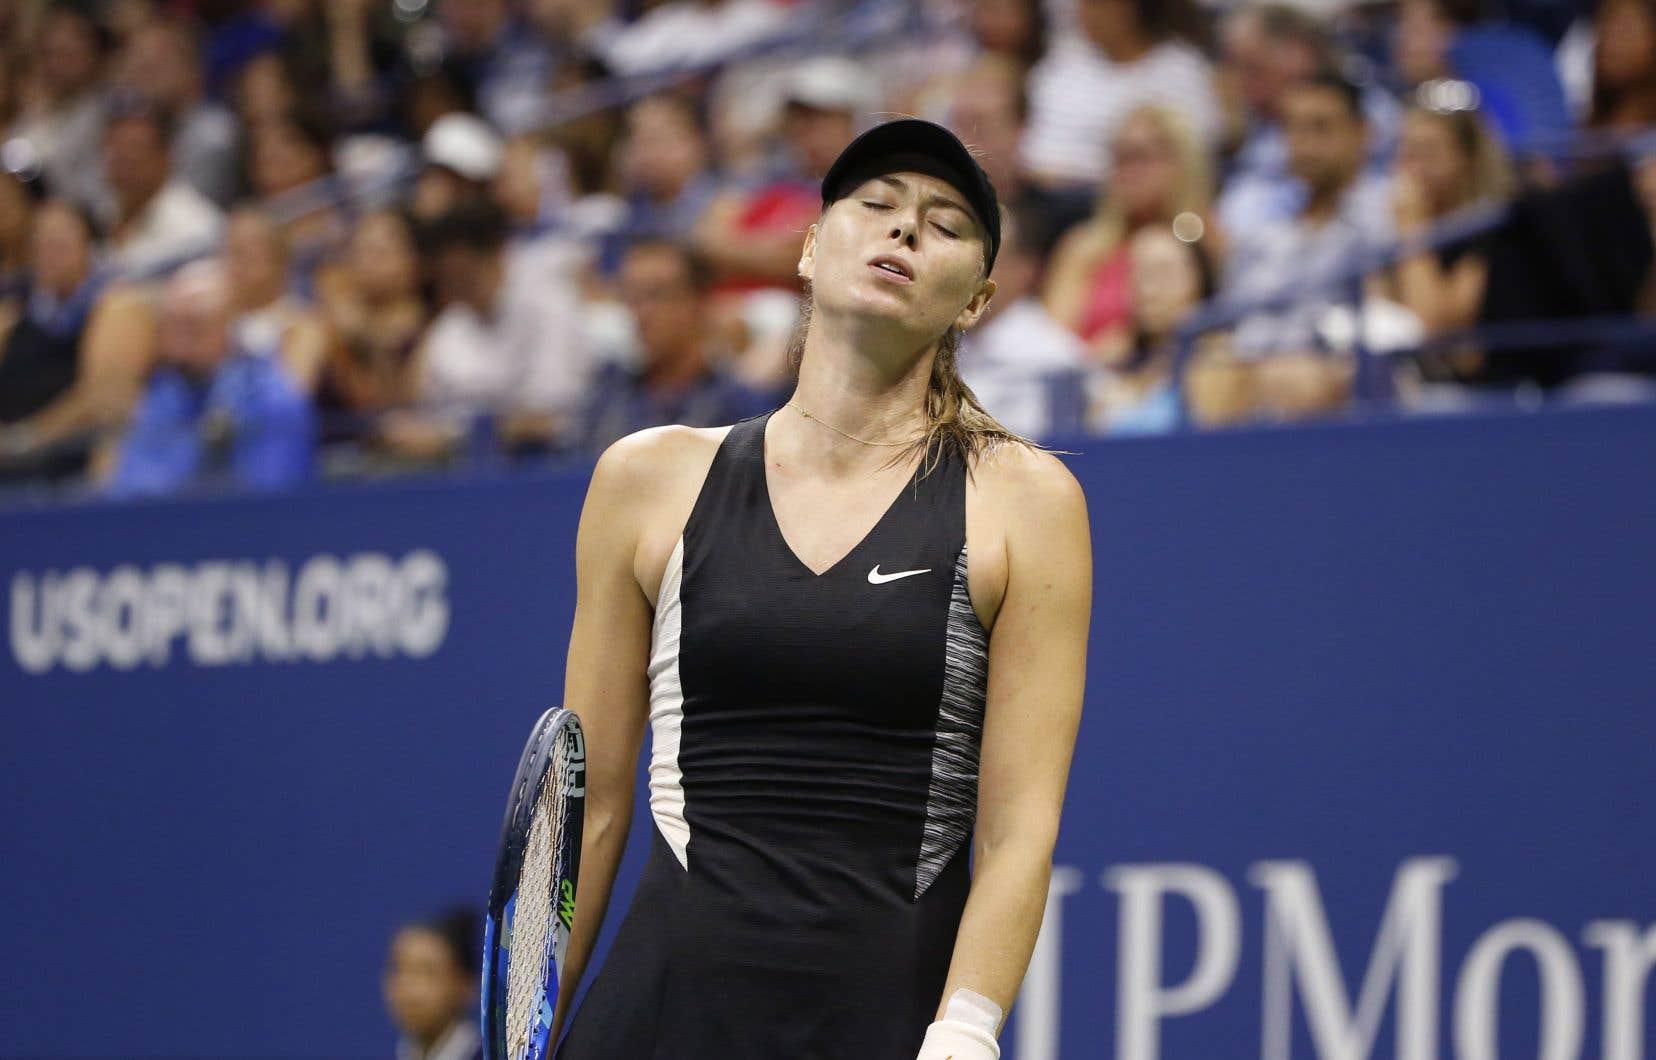 Depuis son retour de quinze mois de suspension pour dopage au printemps 2017, Sharapova n'a plus dépassé les quarts de finale en tournoi majeur.